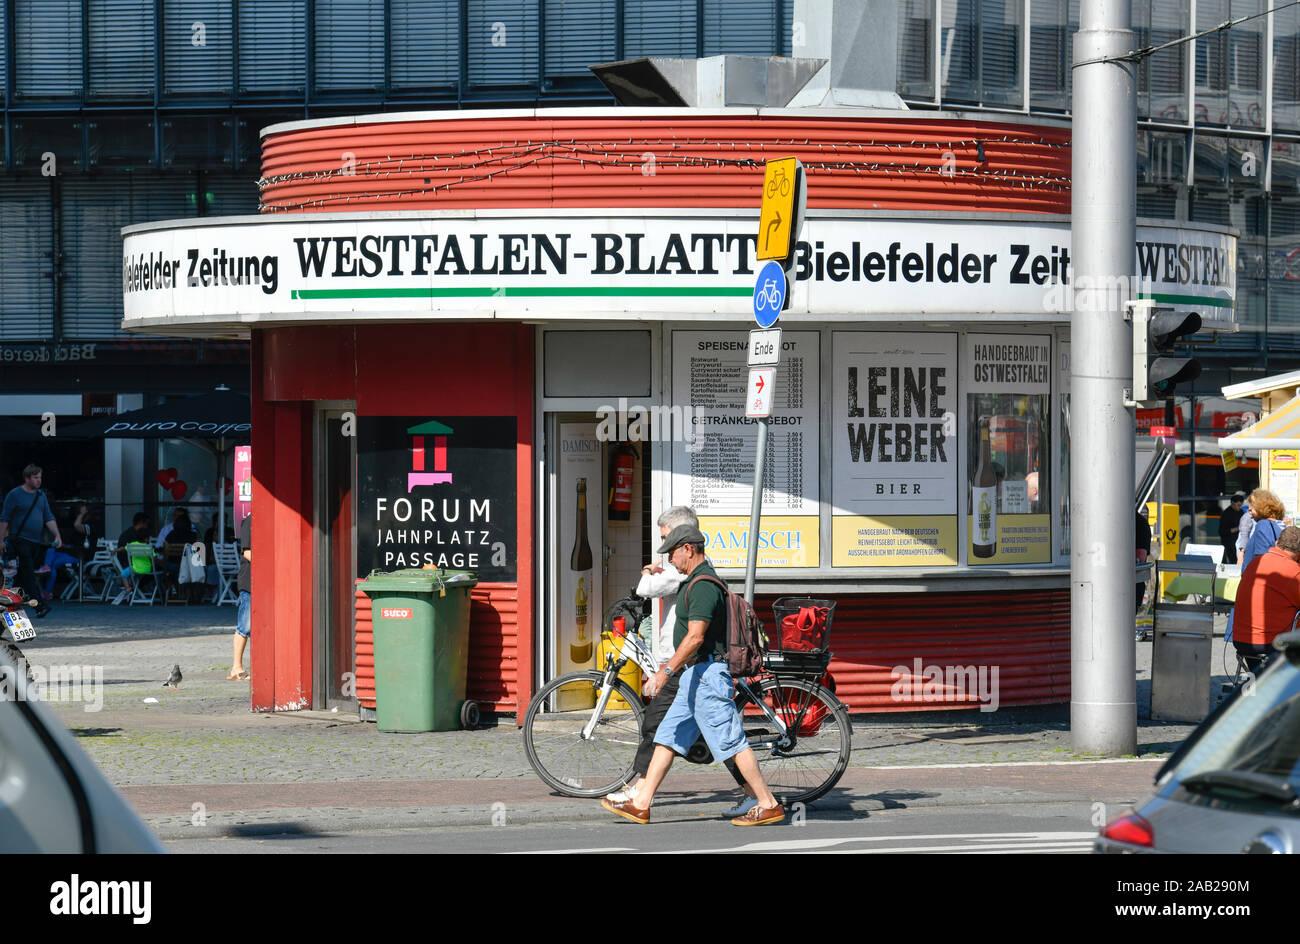 Werbung Tageszeitung Westfalenblatt, Kiosk, Jahnplatz, Bielefeld, Nordrhein-Westfalen, Deutschland Stock Photo